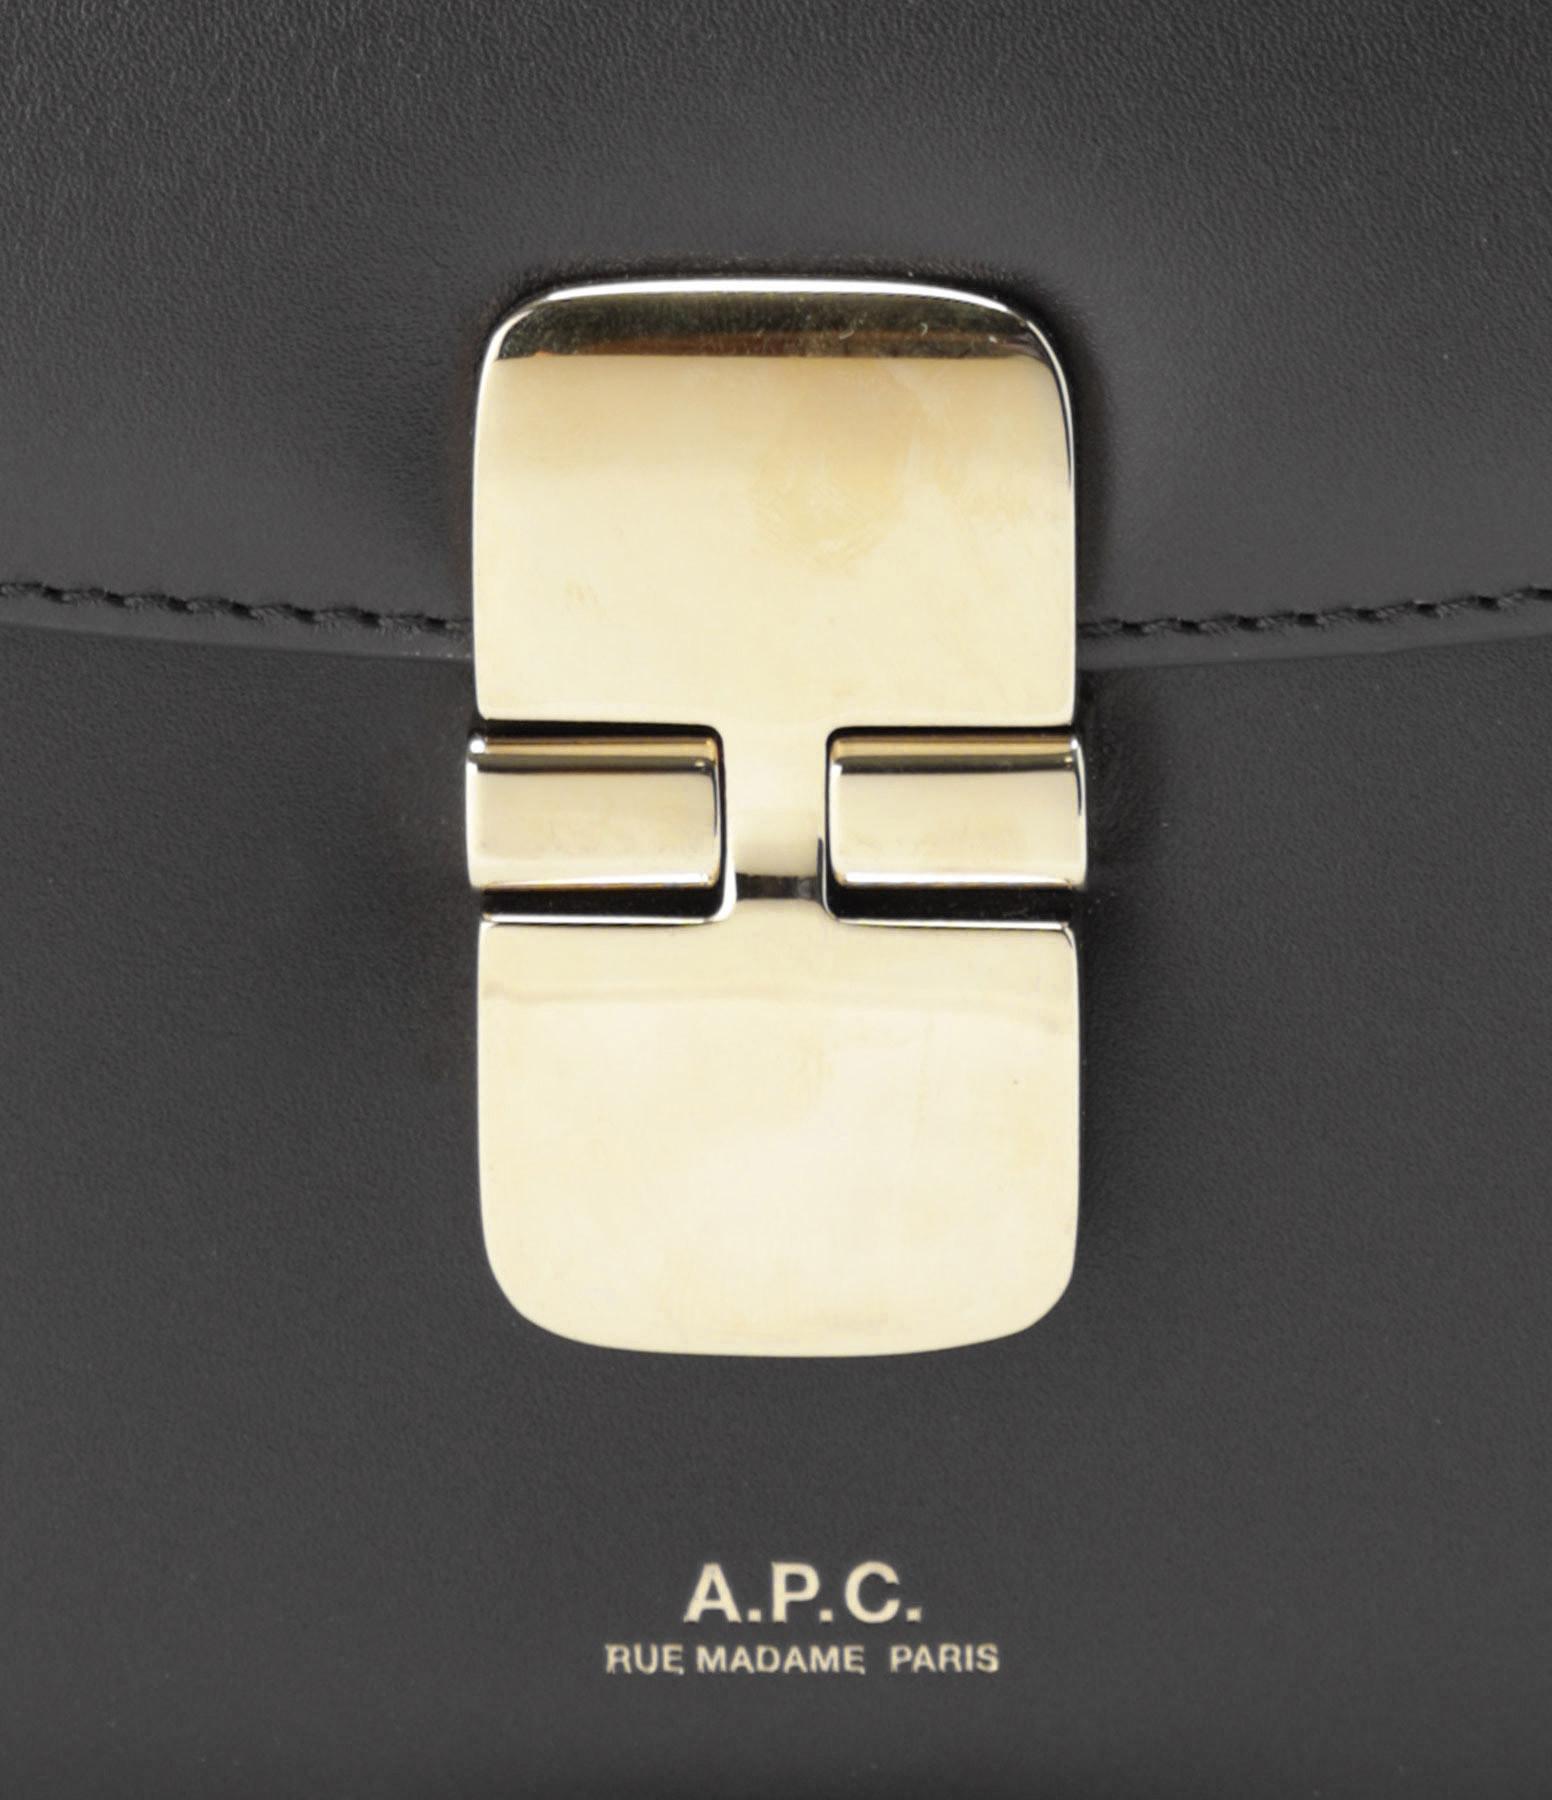 A.P.C. - Sac Grace Mini Cuir Lisse Noir